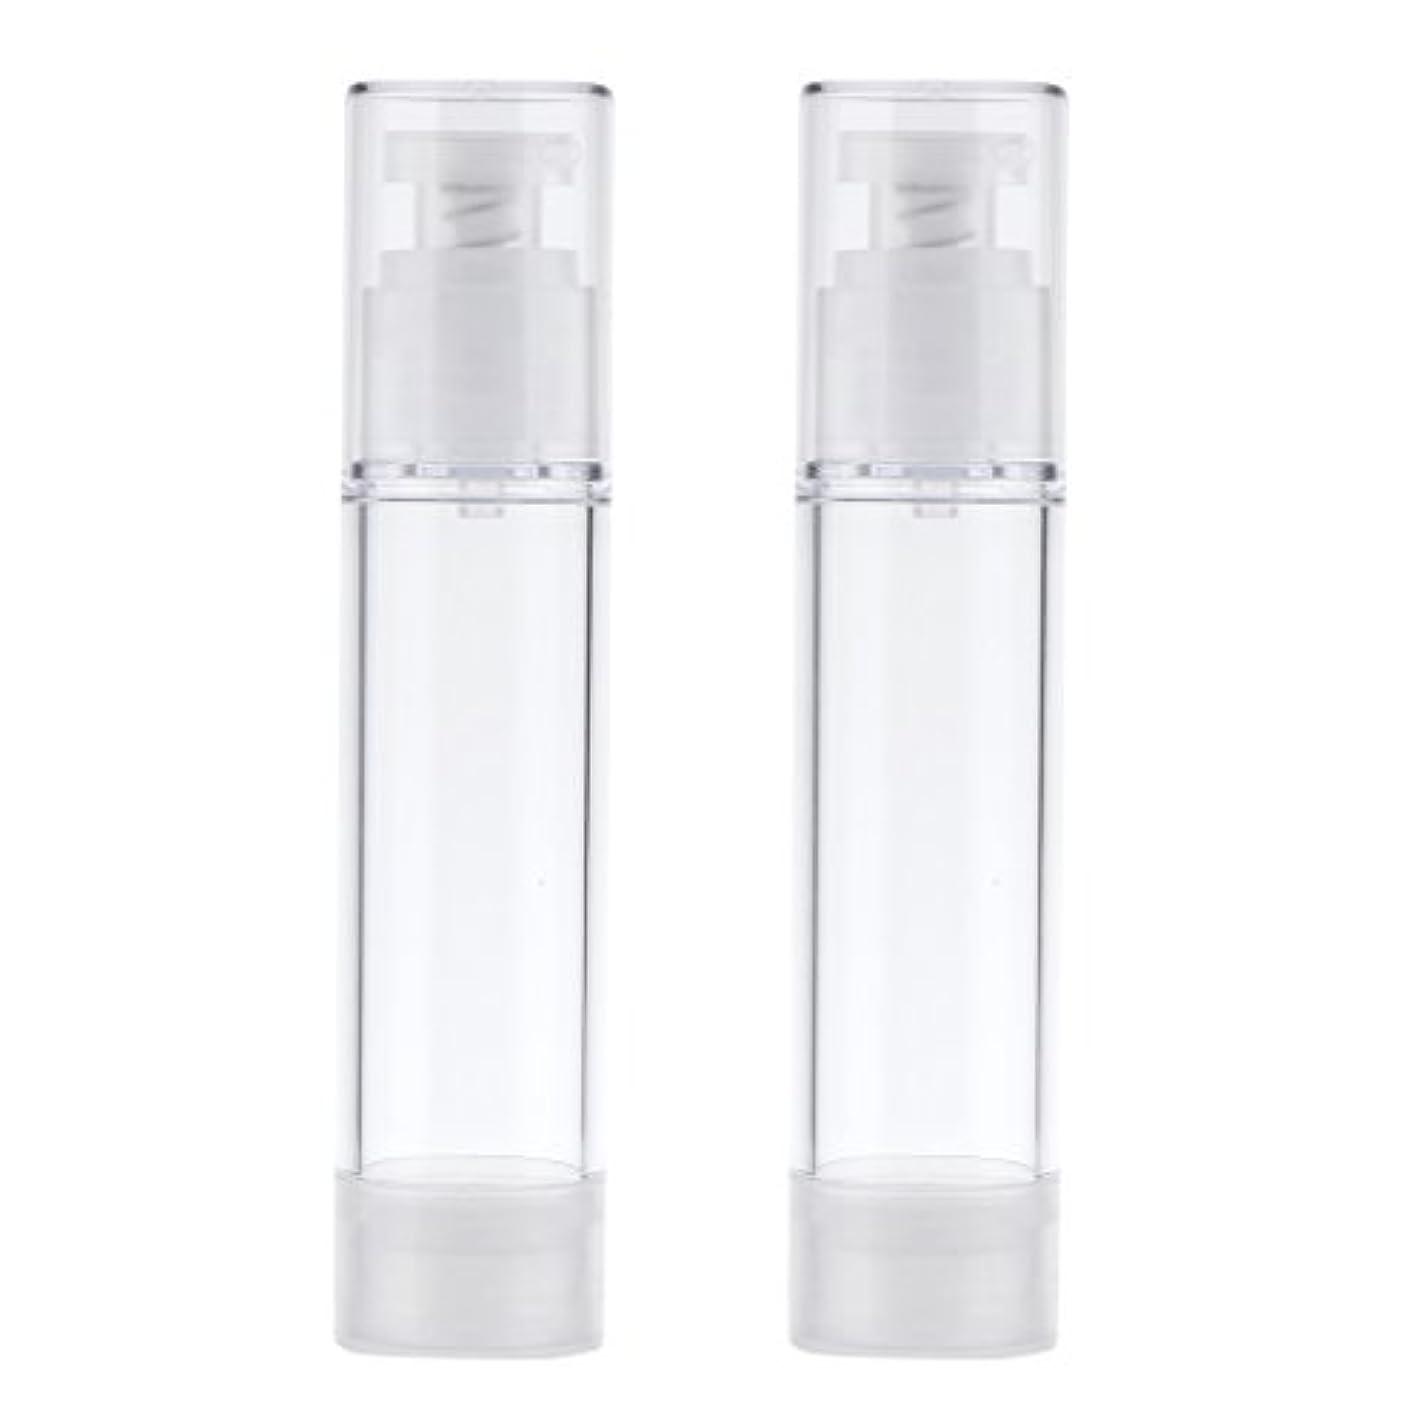 災難マットピストルBlesiya 2個 空ボトル ポンプボトル ローション コスメ ティック クリームボトル エアレスポンプディスペンサー 3サイズ選べる - 50ml